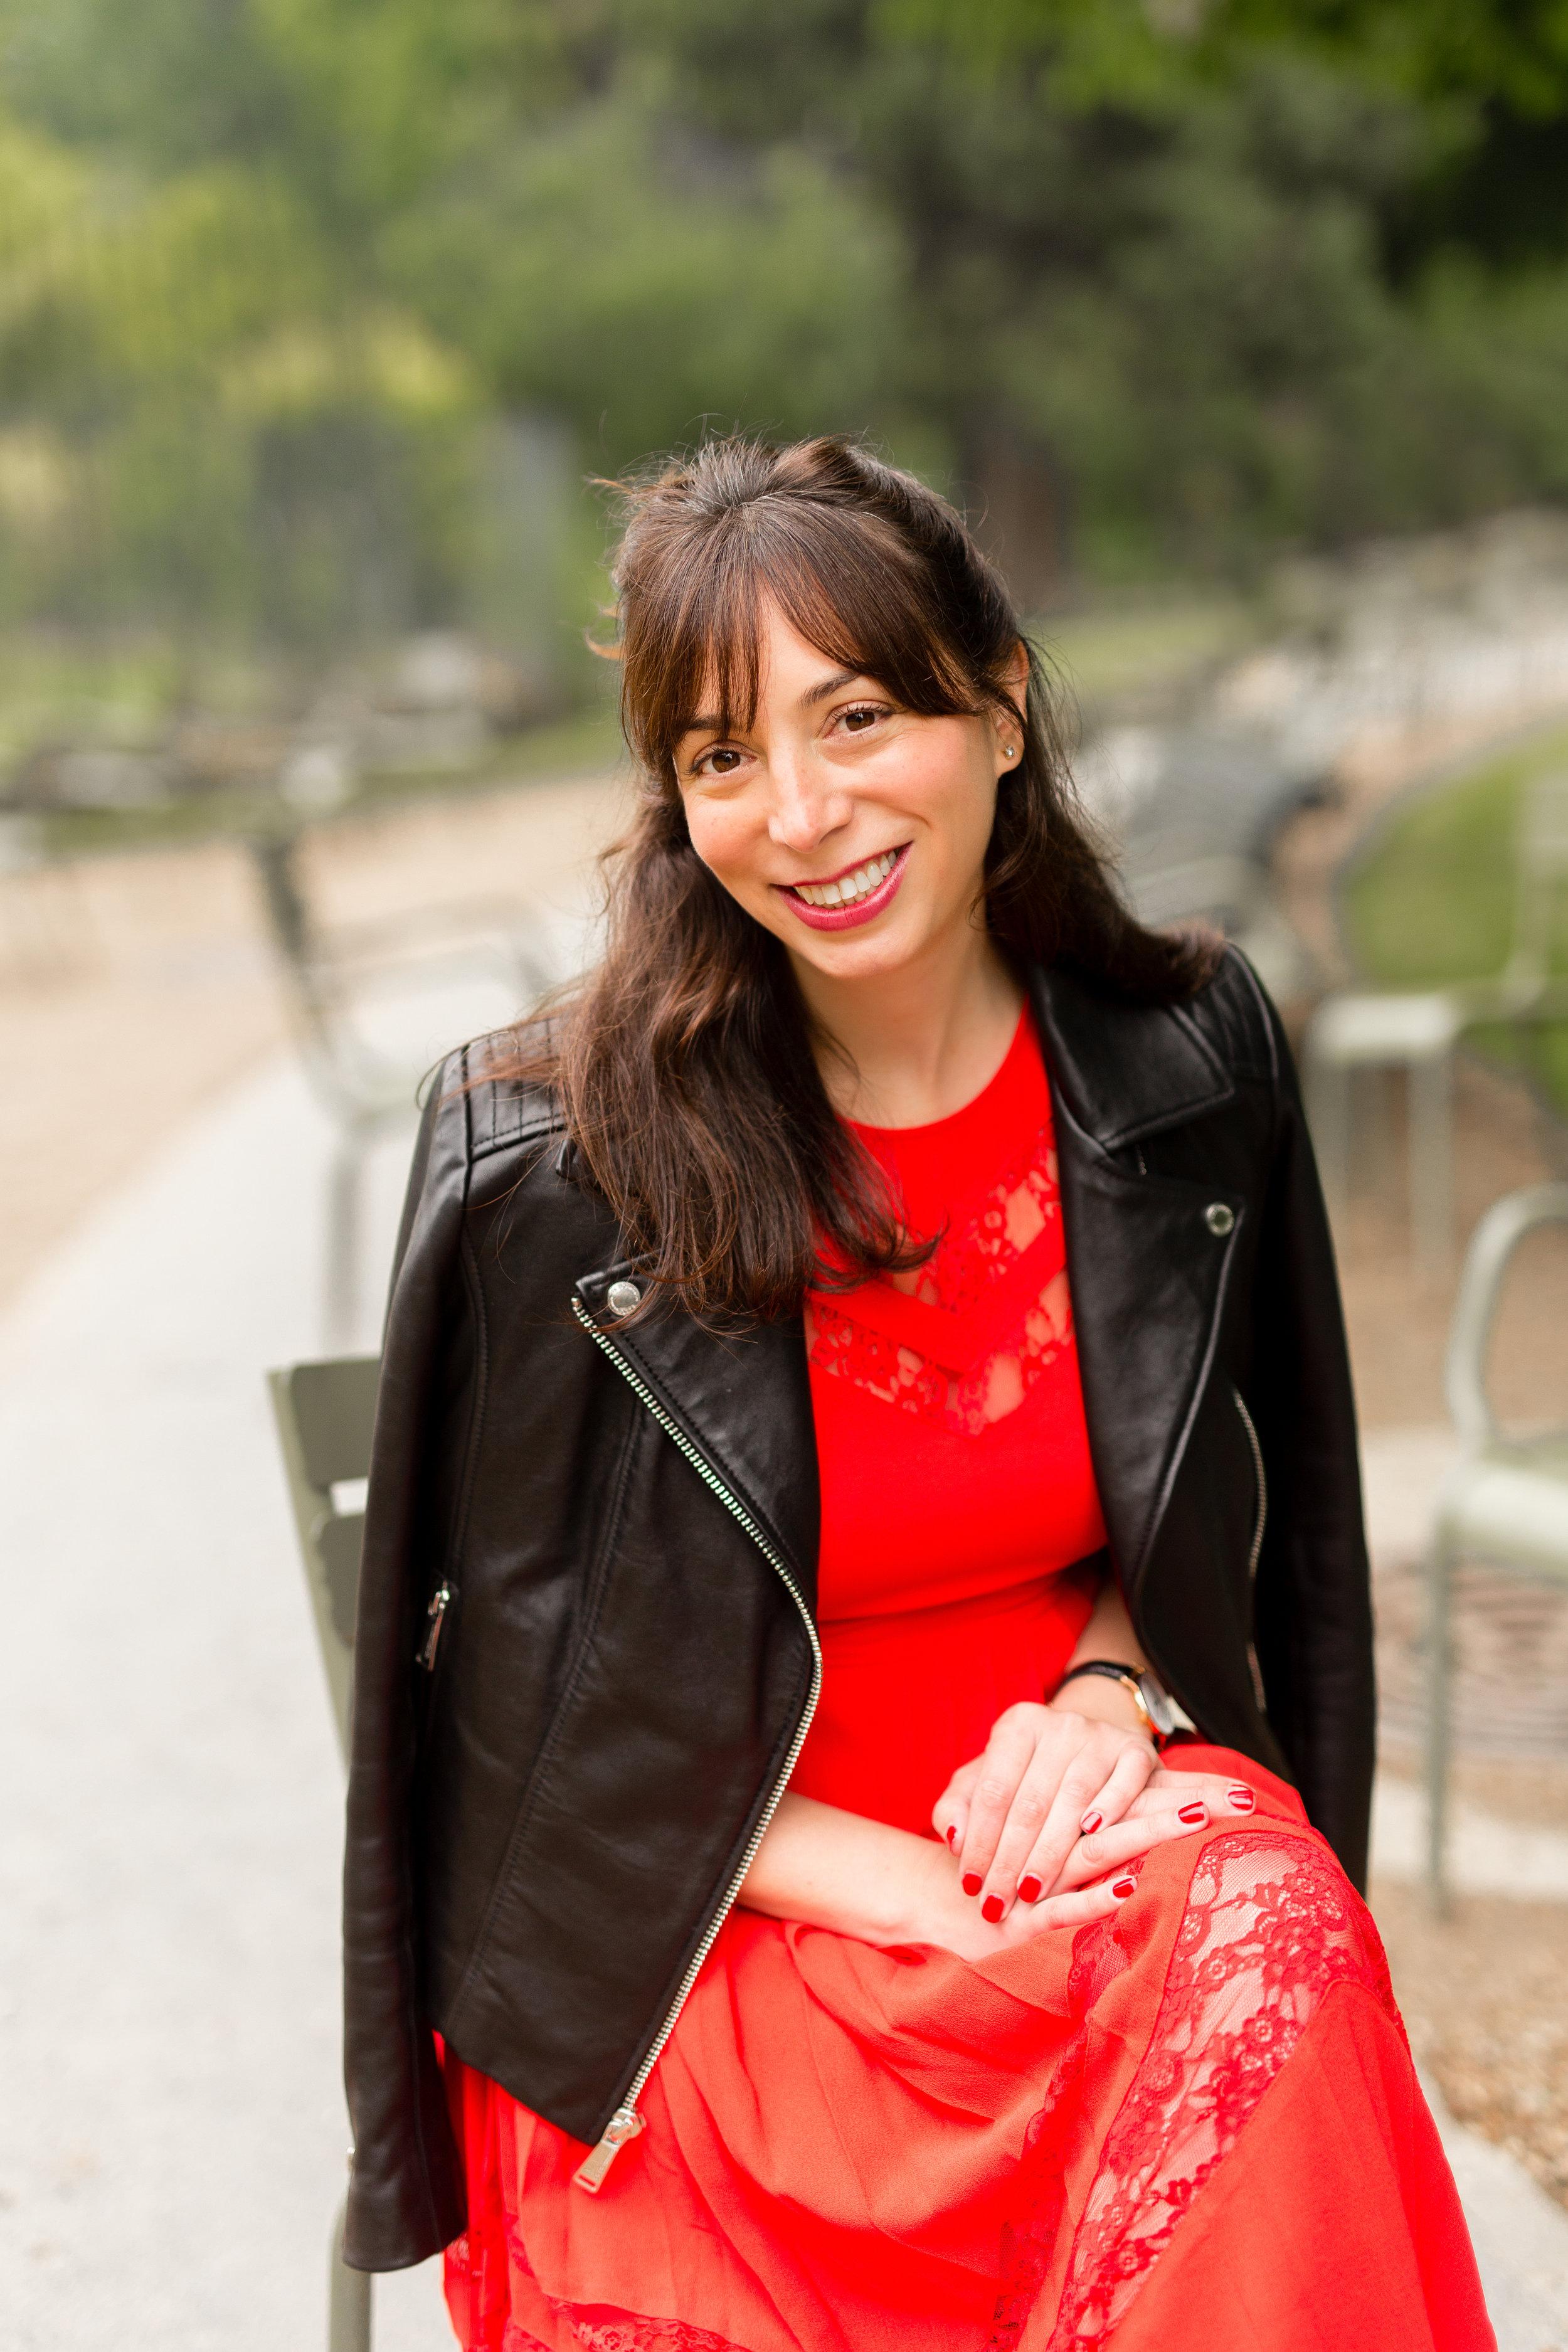 rebecca plotnick katie donnelly paris photographer